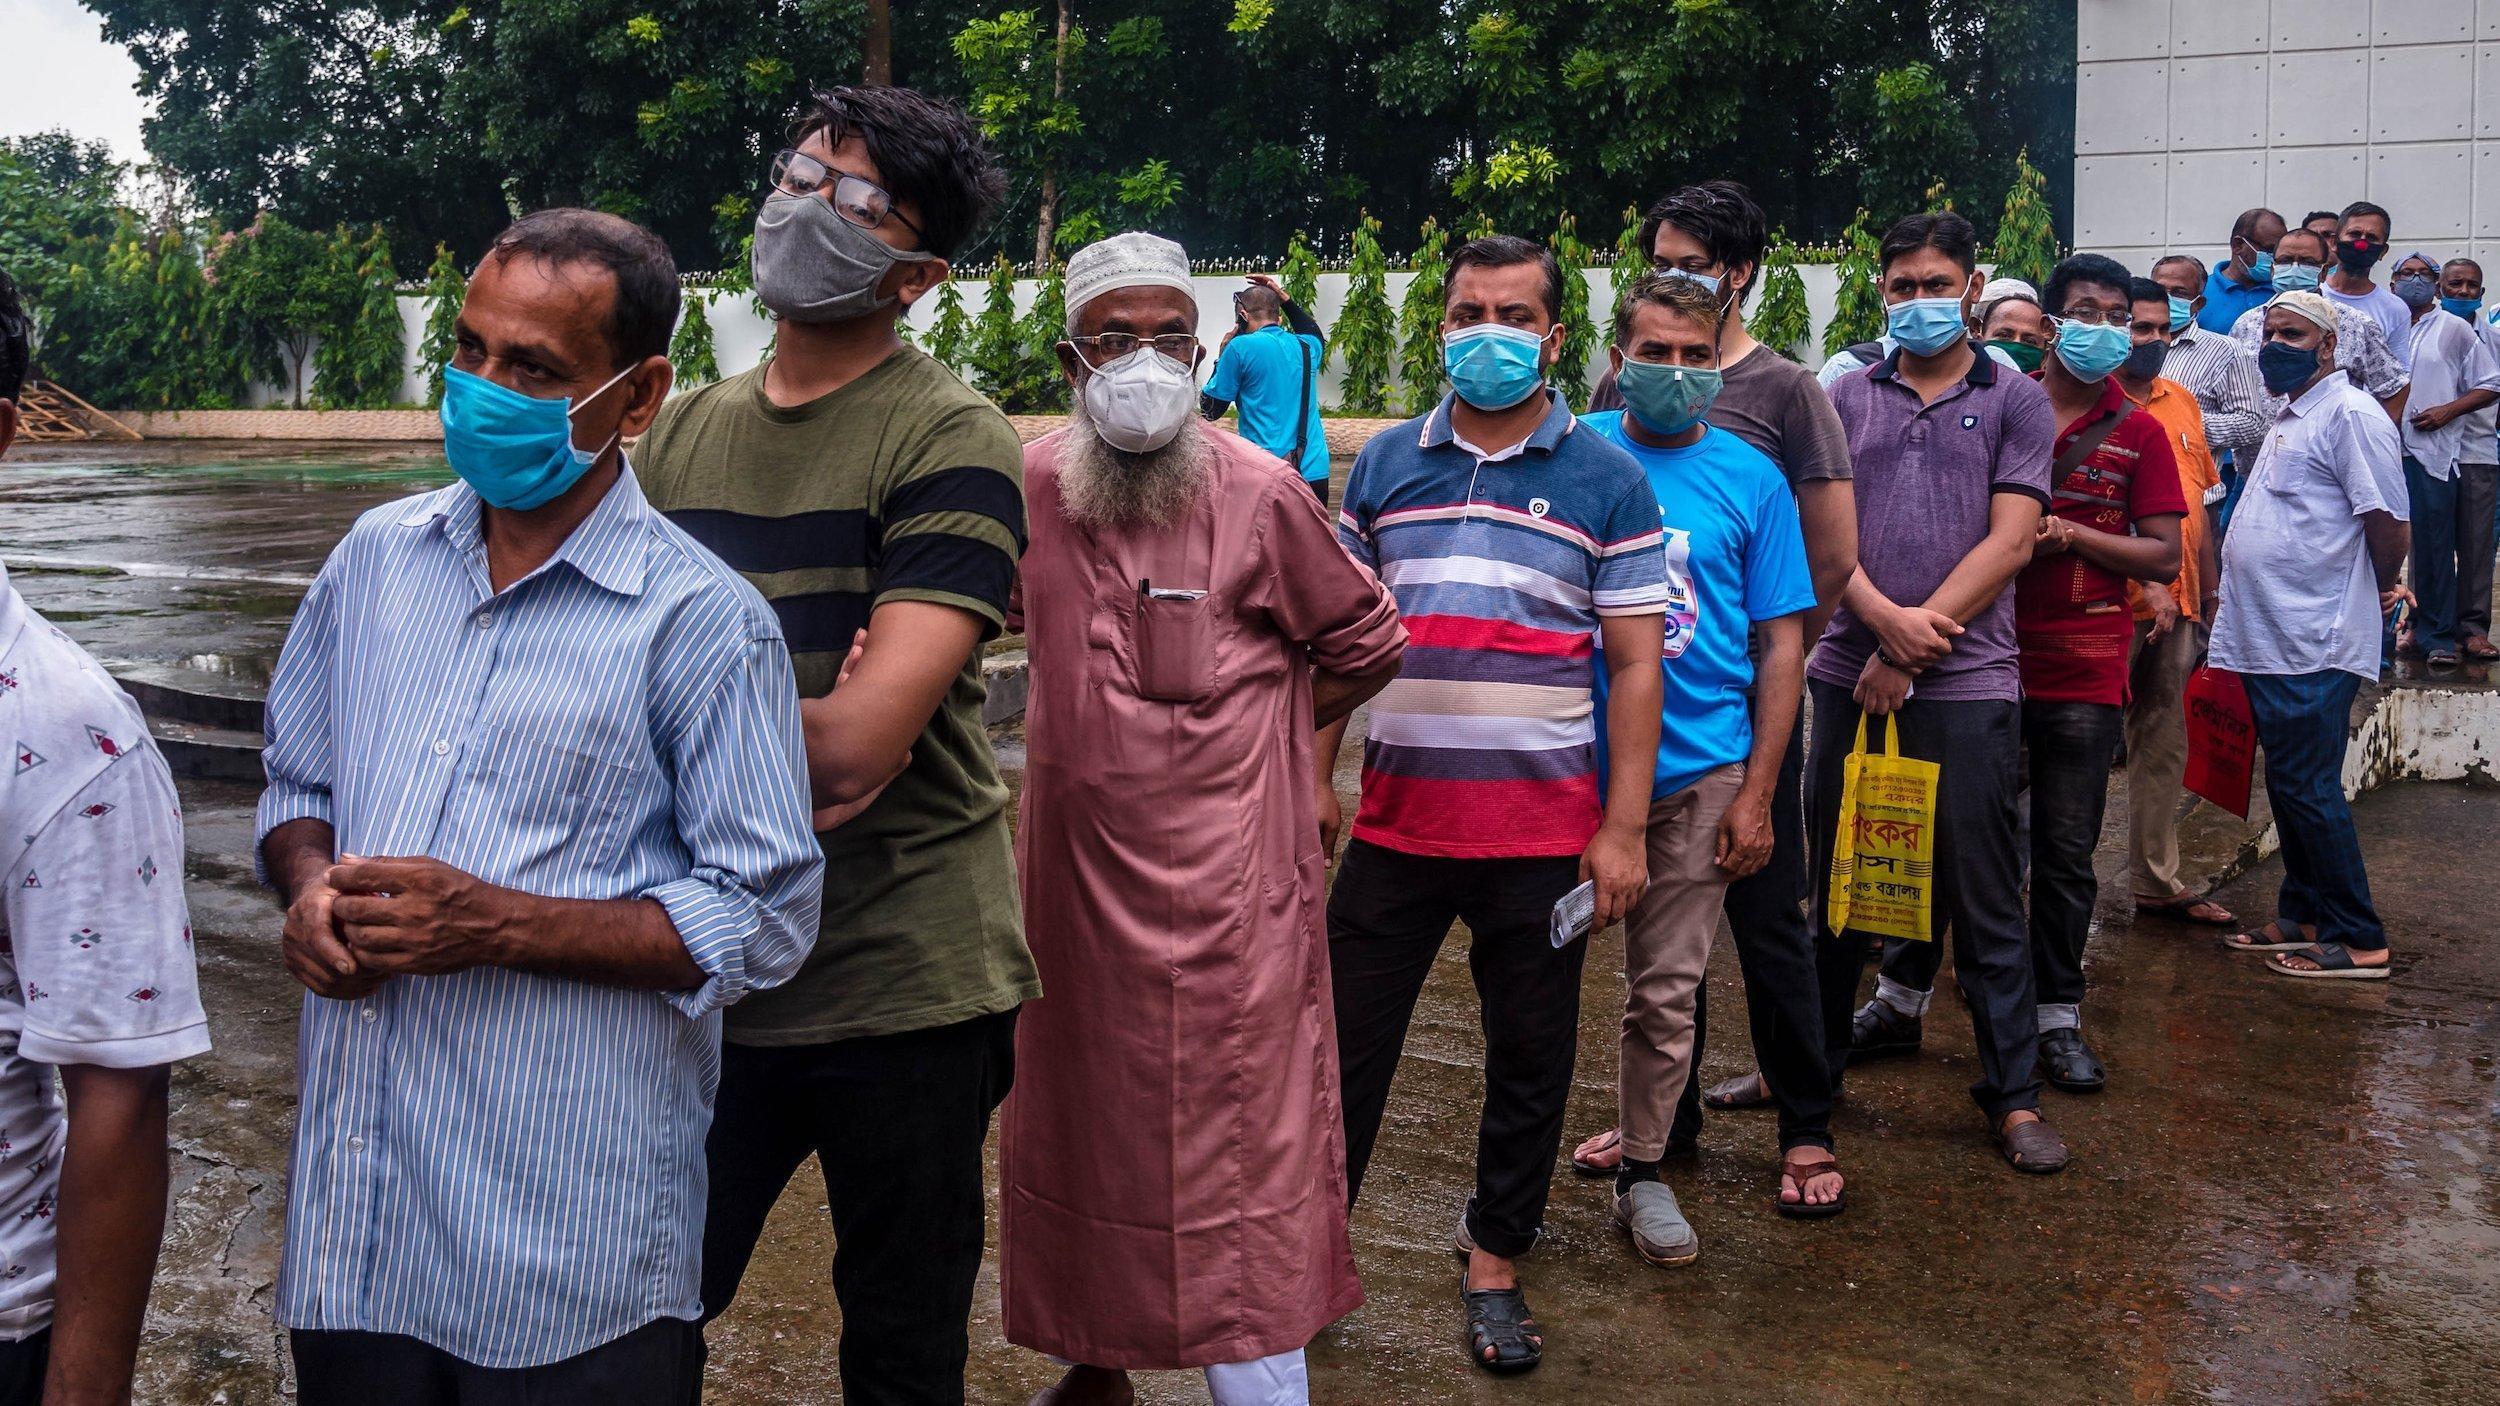 lange Schlange von Männern in einem Hinterhof vor dem Impfzentrum